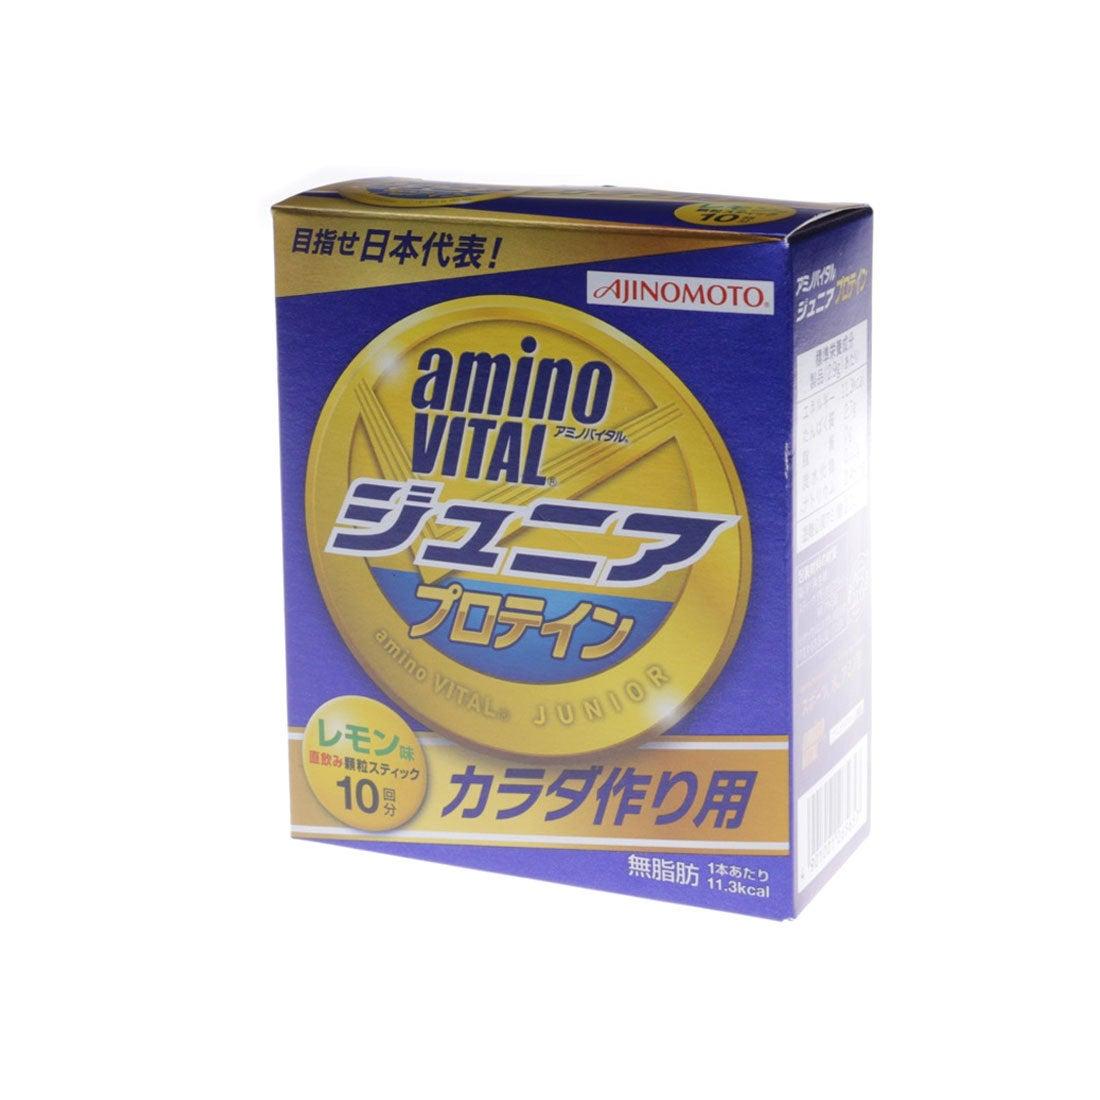 【SALE 5%OFF】アミノバイタル AminoVital プロテイン 「アミノバイタル」ジュニアプロテイン10本入箱 3423150000